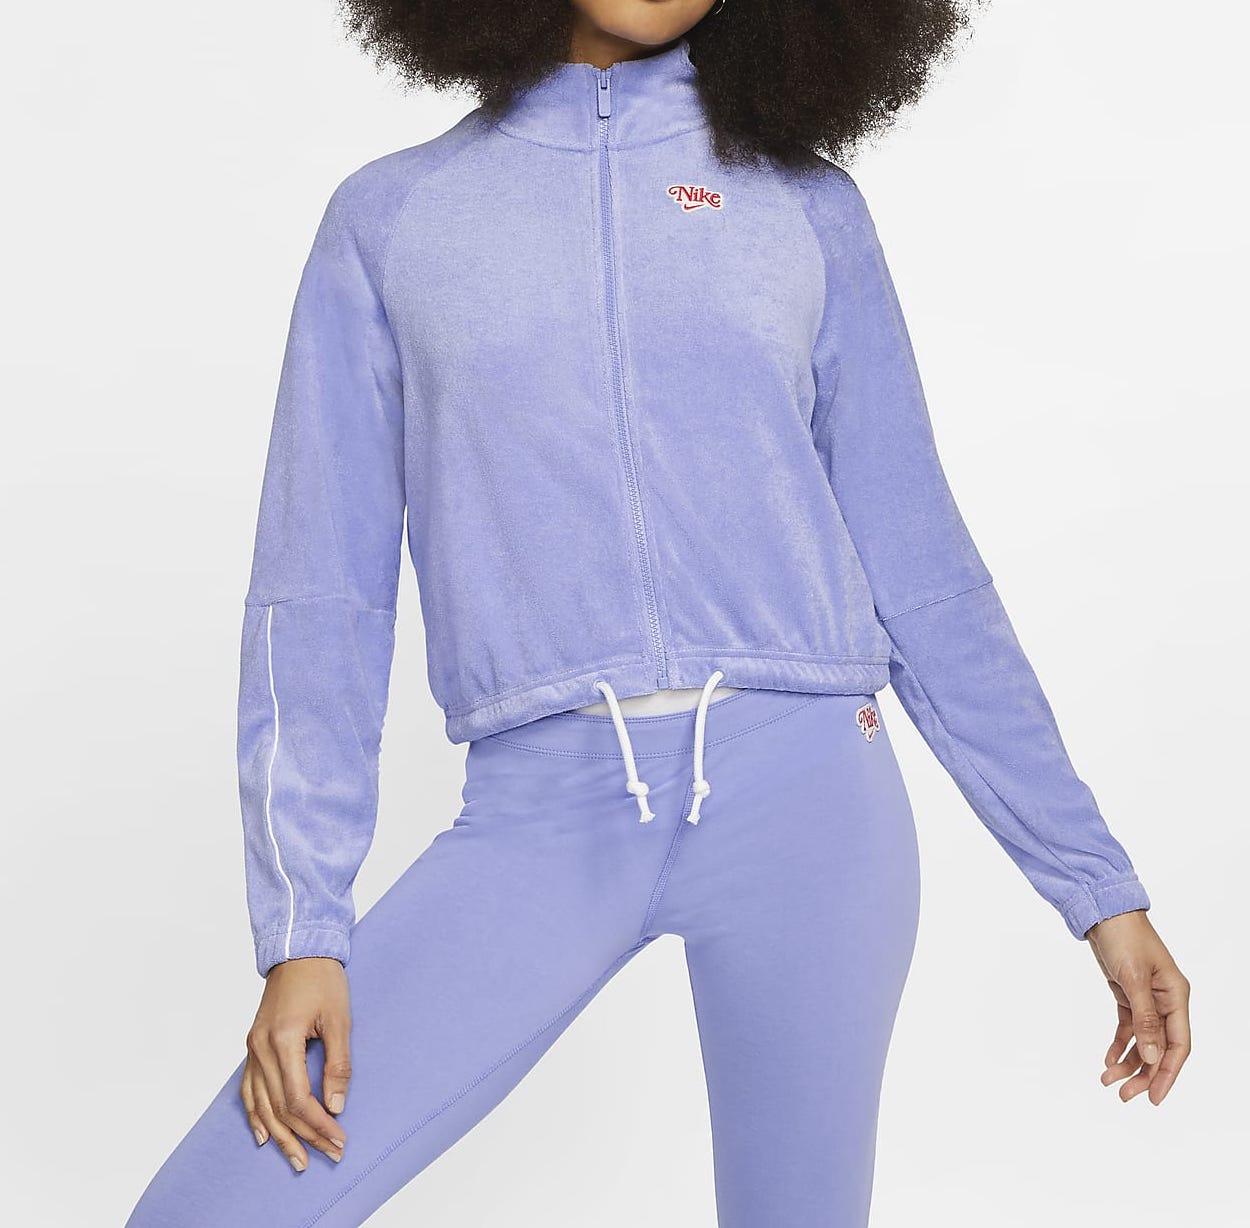 Nike Sportswear Full-Zip Jacket Purple